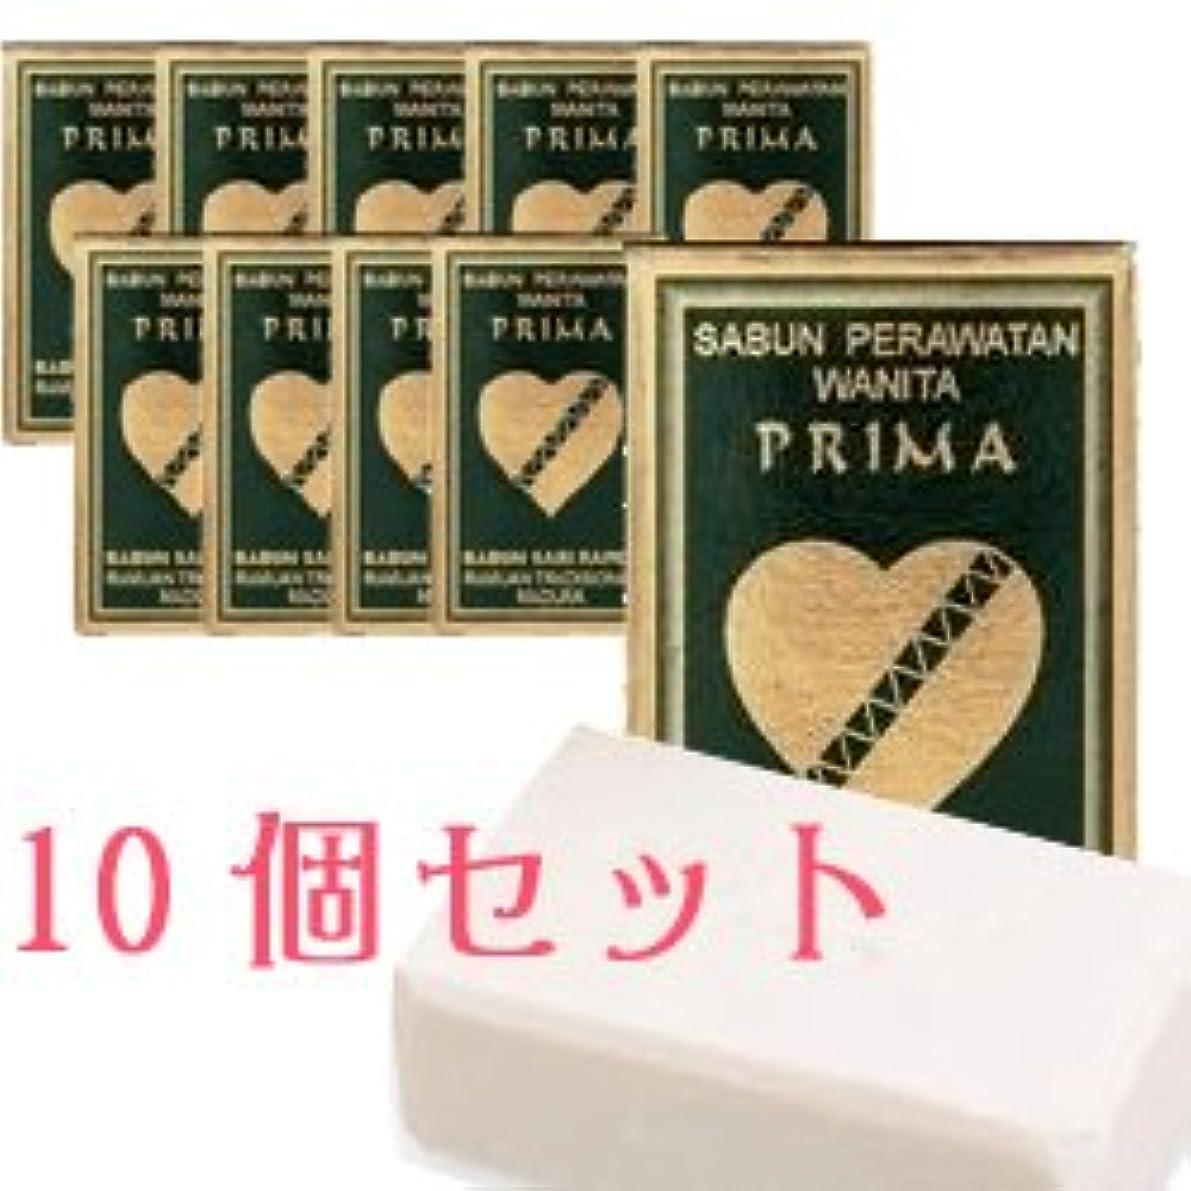 何算術装置プリマ サリラペソープ 80g 10個セット 【並行輸入品】